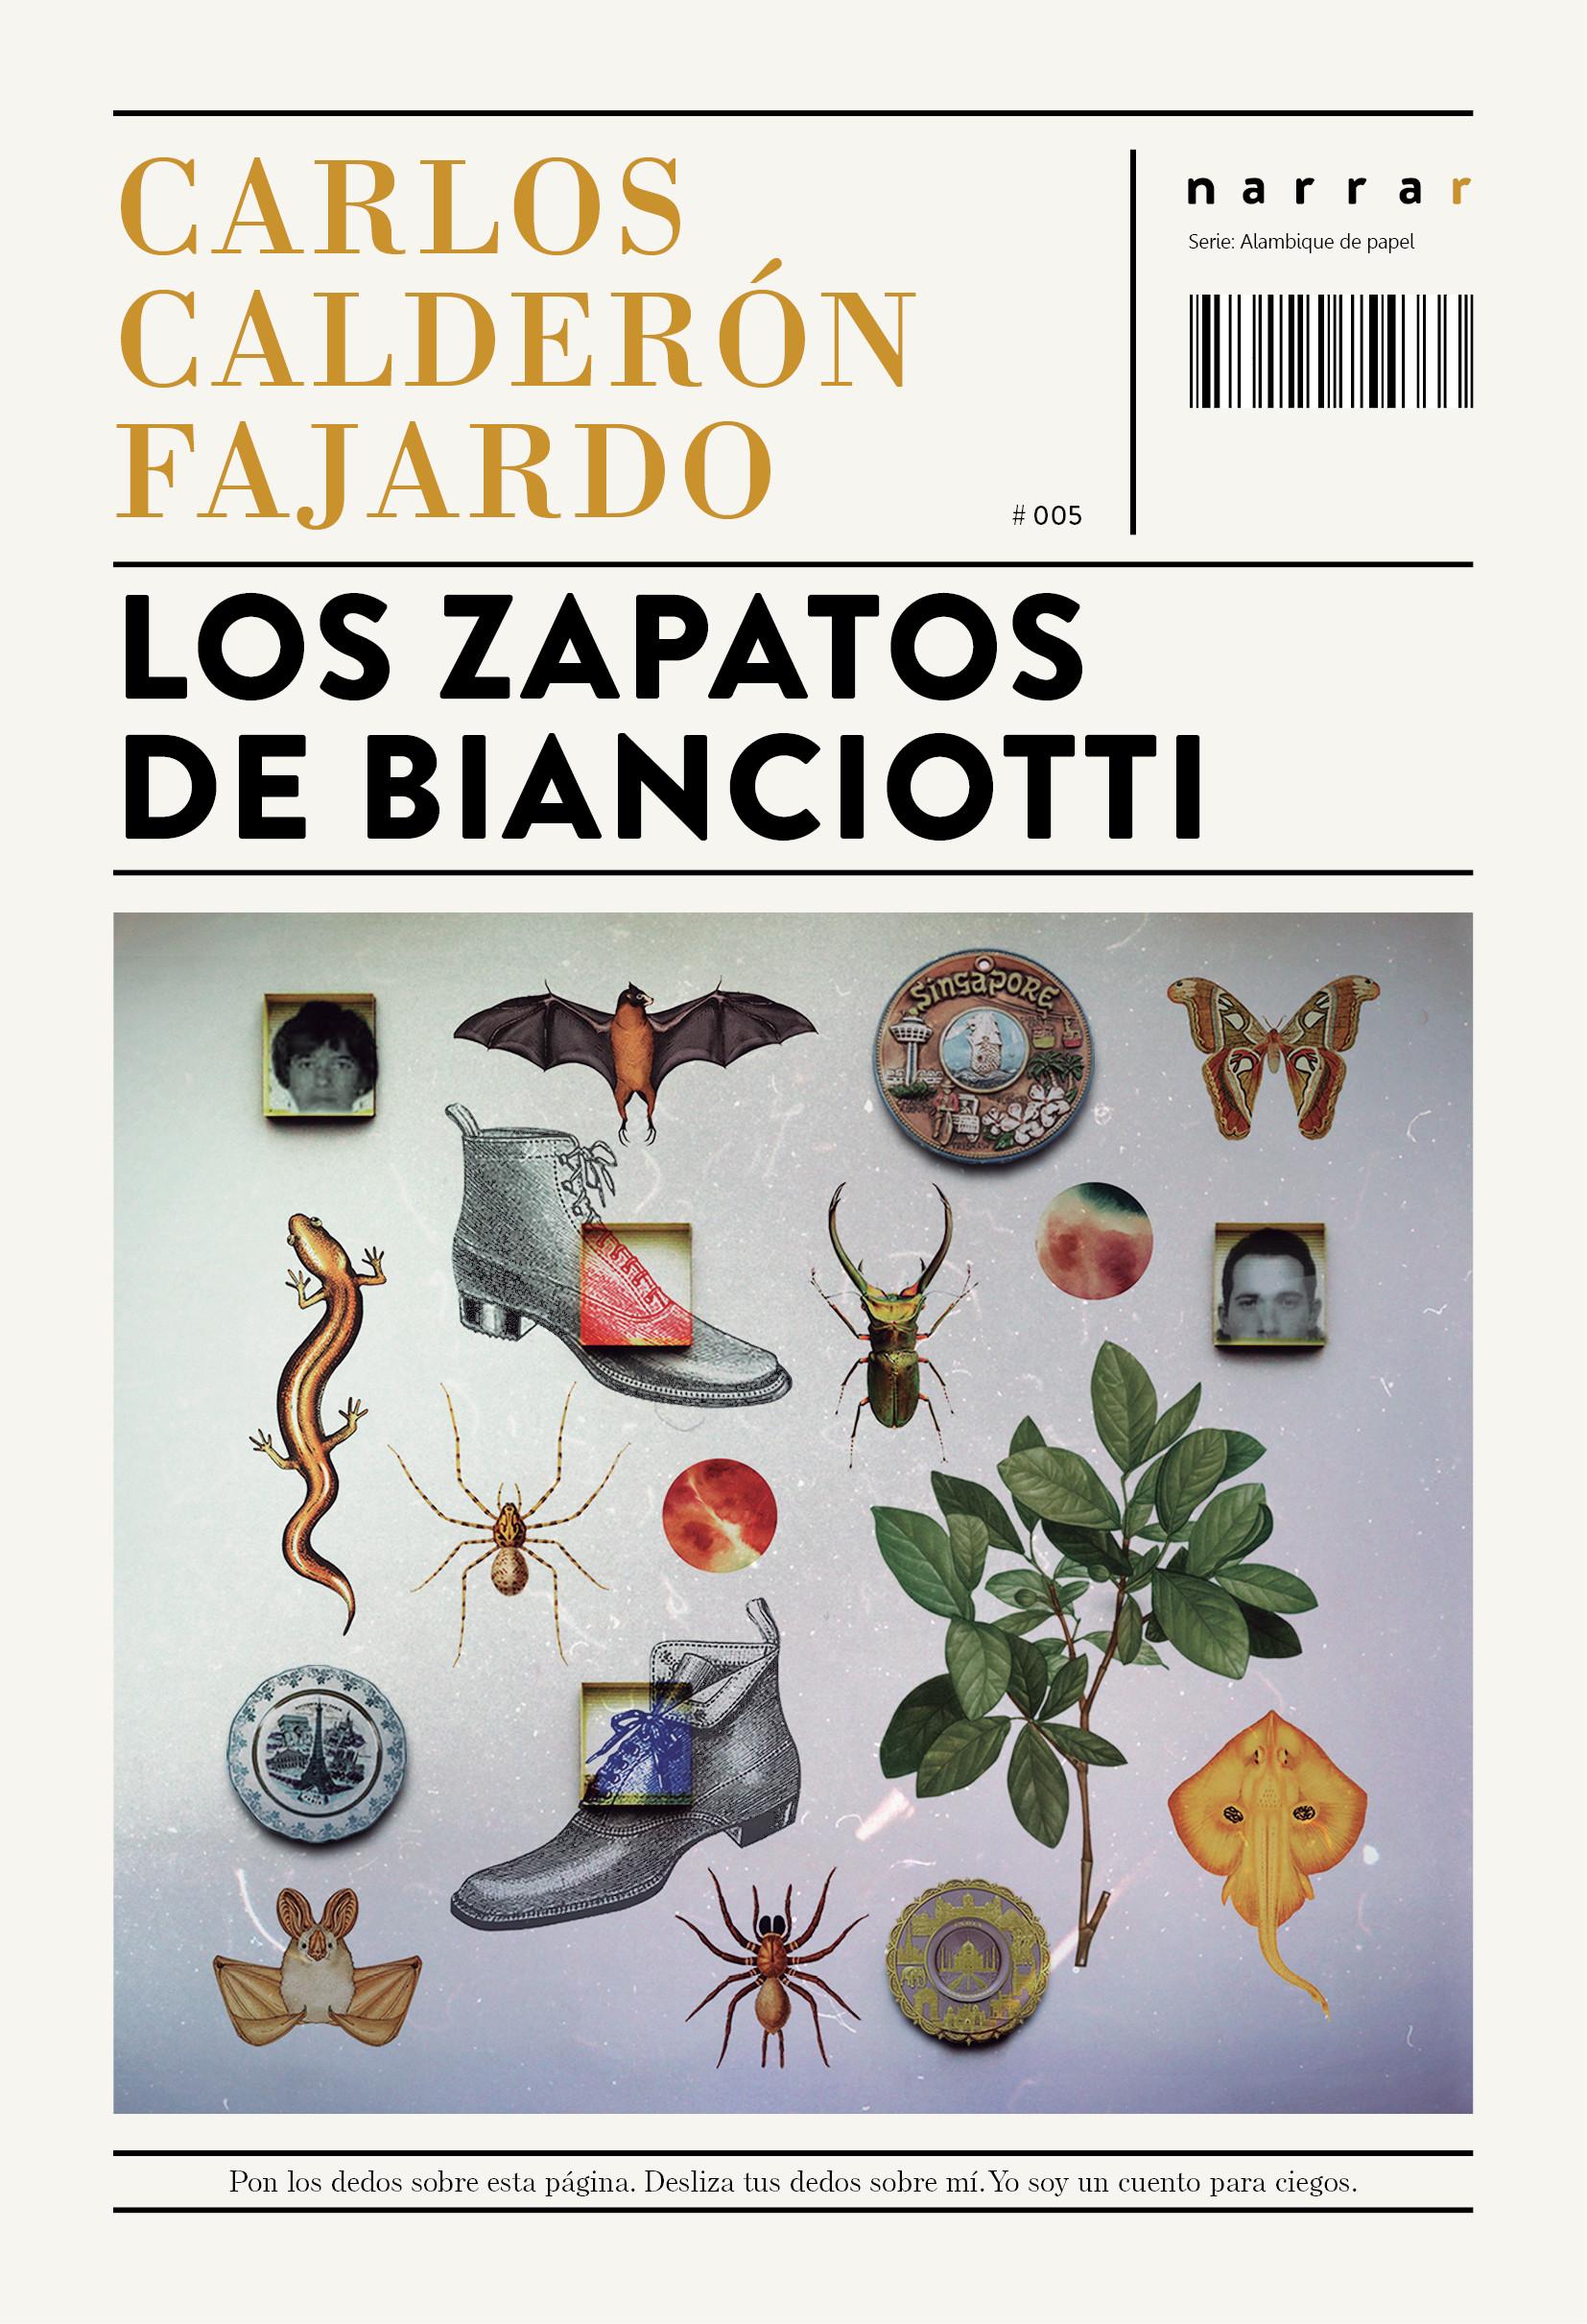 Los zapatos de Bianciotti